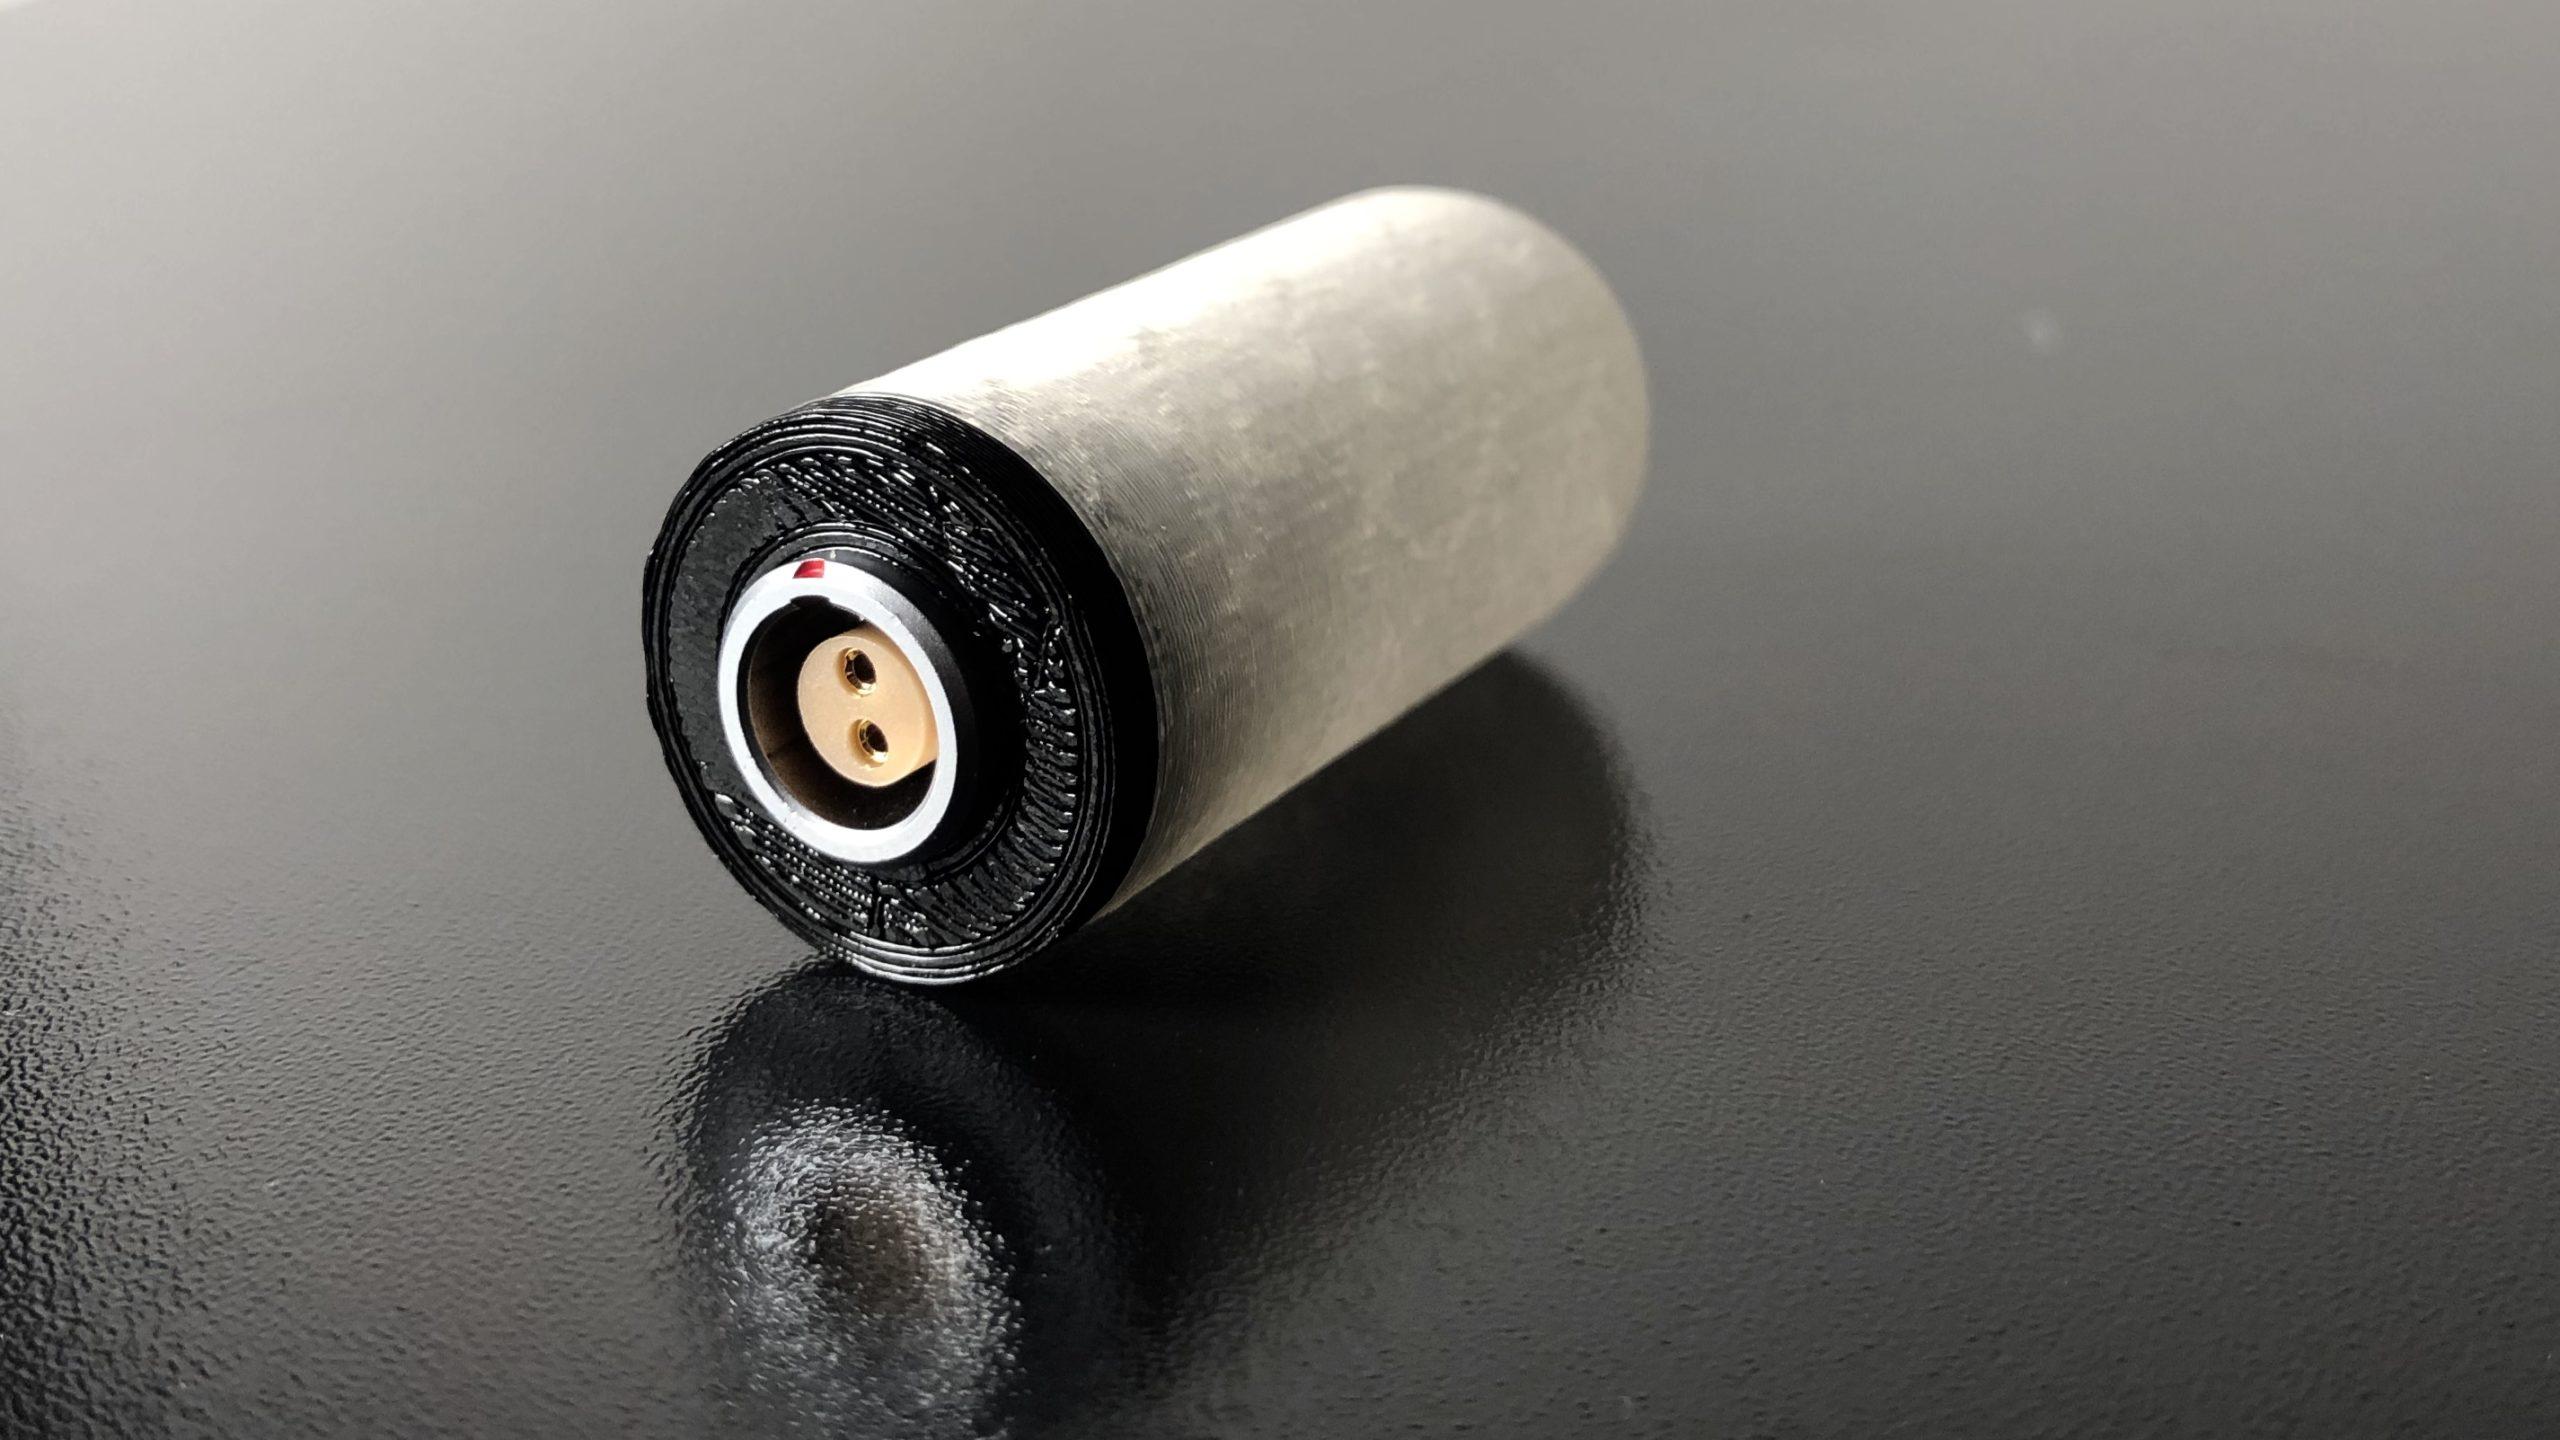 2 pin Lemo Cable Tester